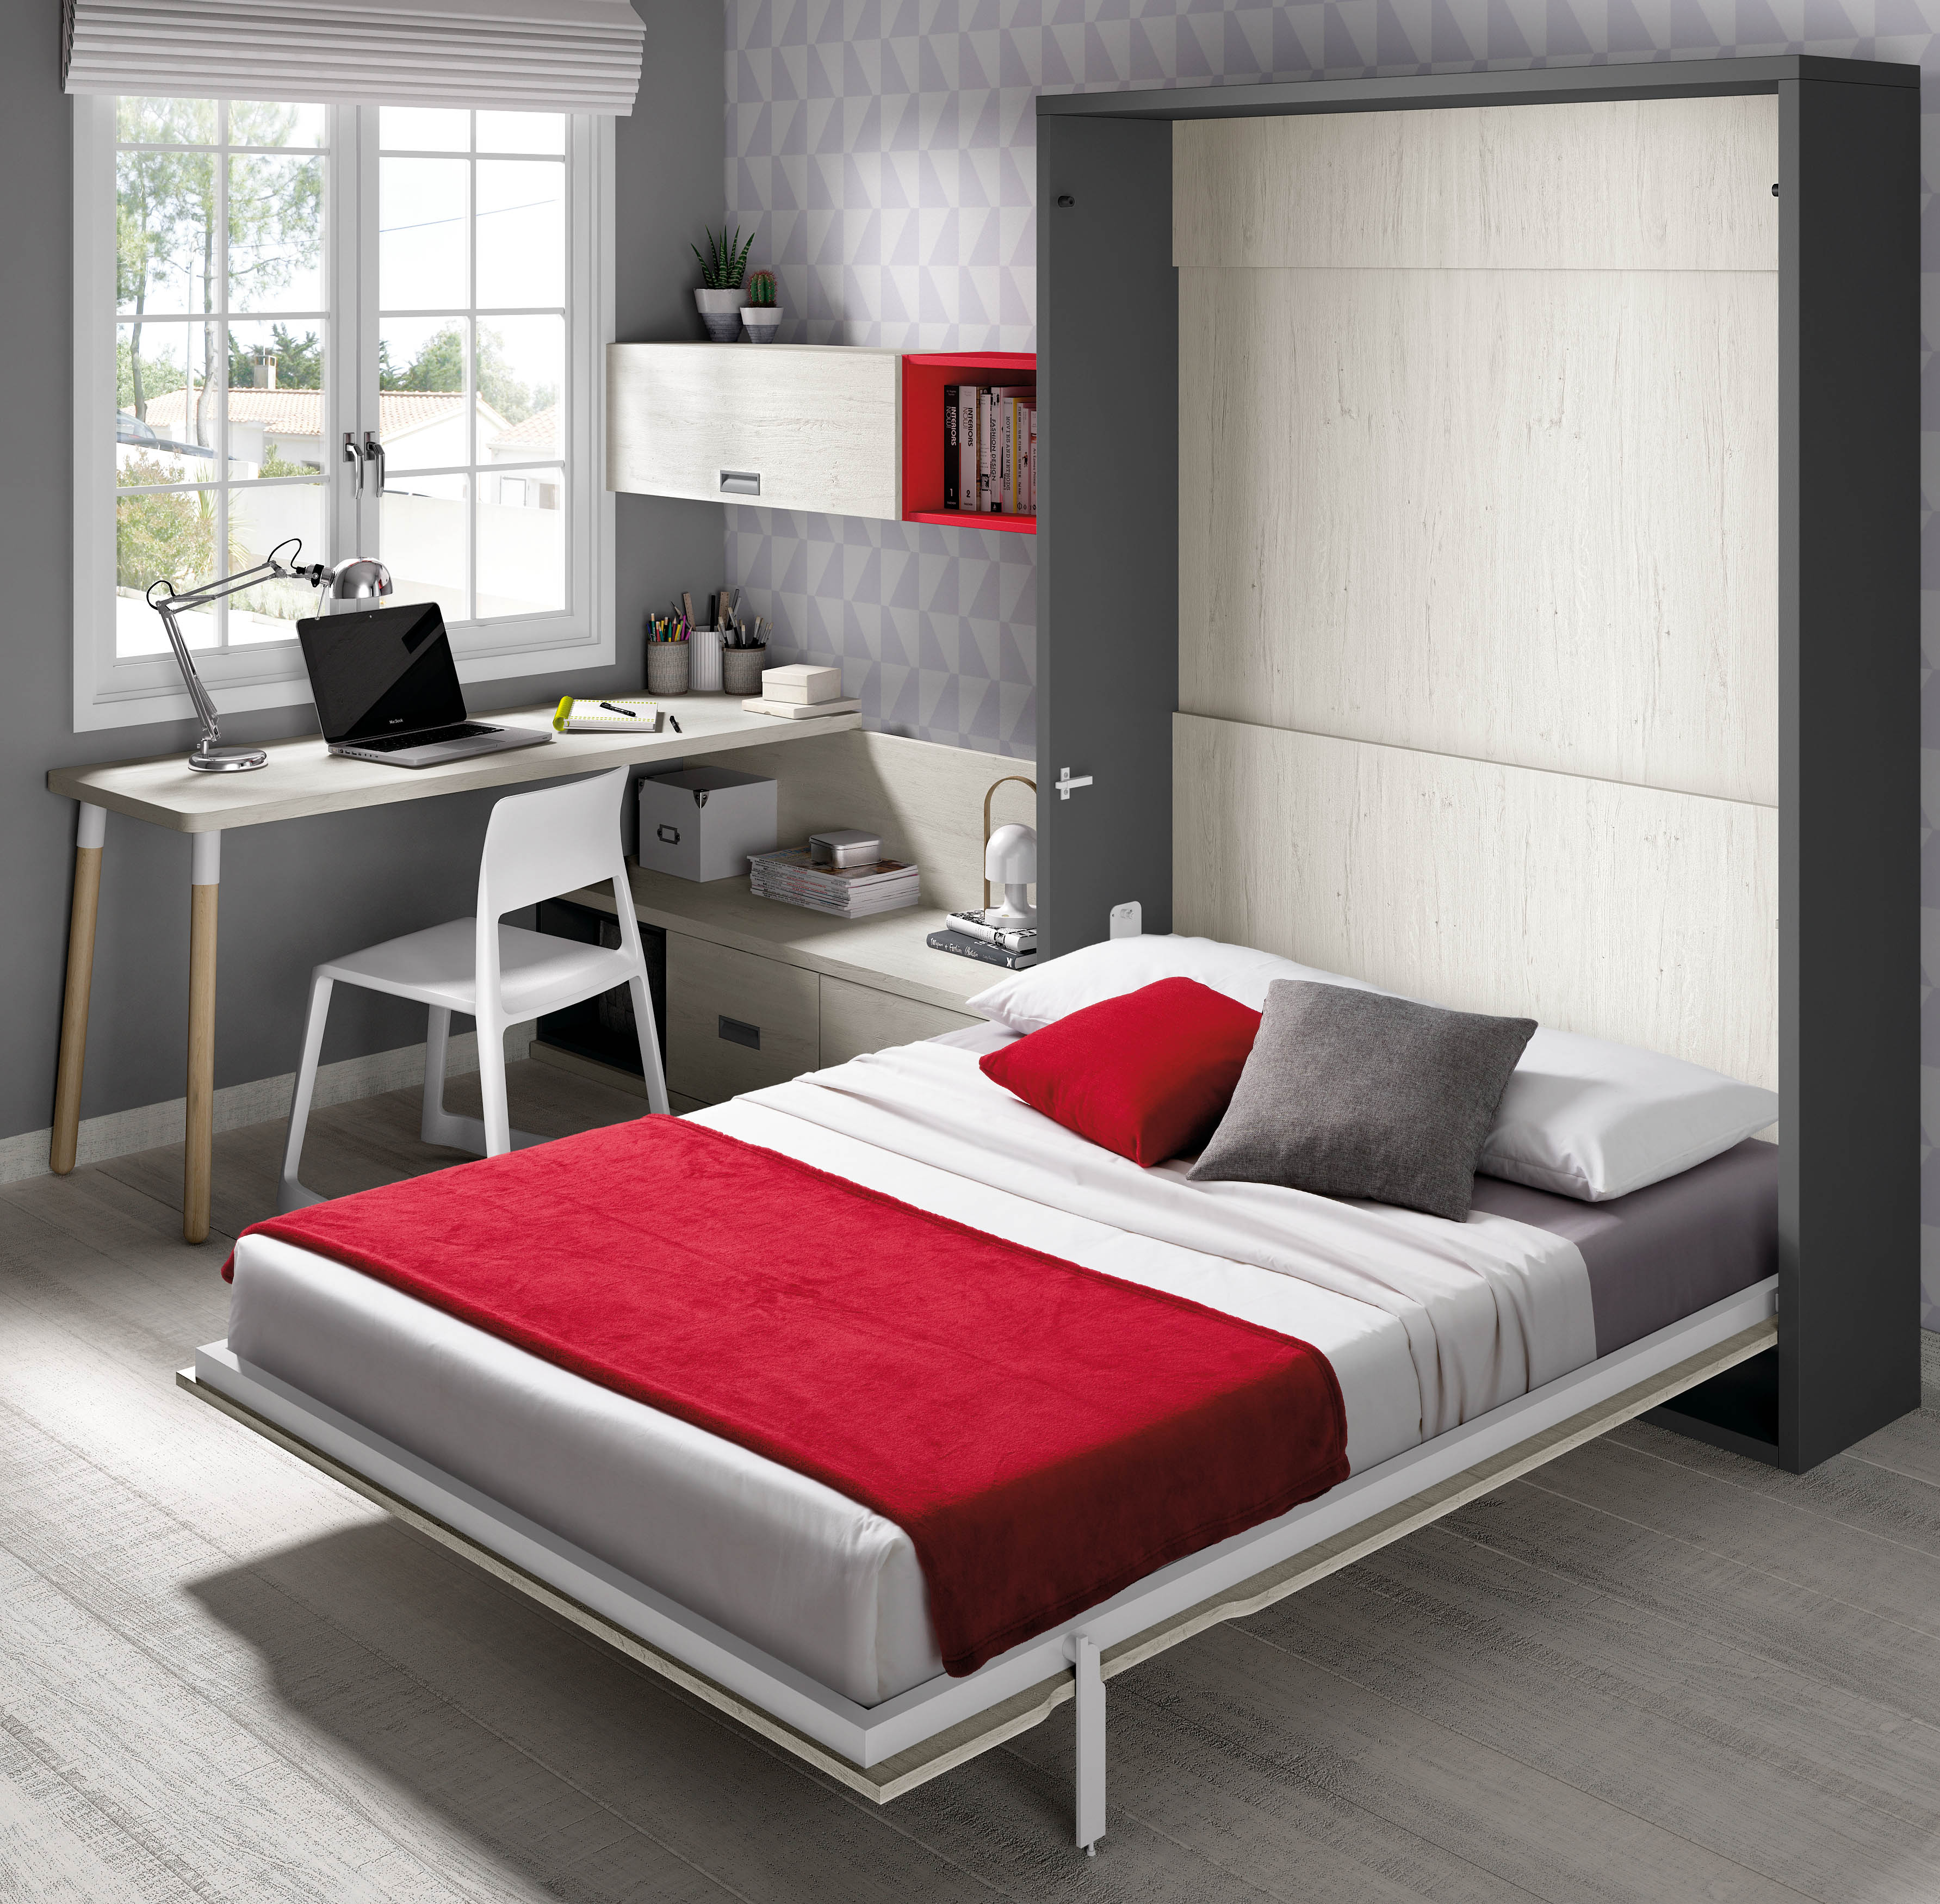 Camas abatibles verticales camas plegables cama for Mueble cama abatible vertical matrimonio